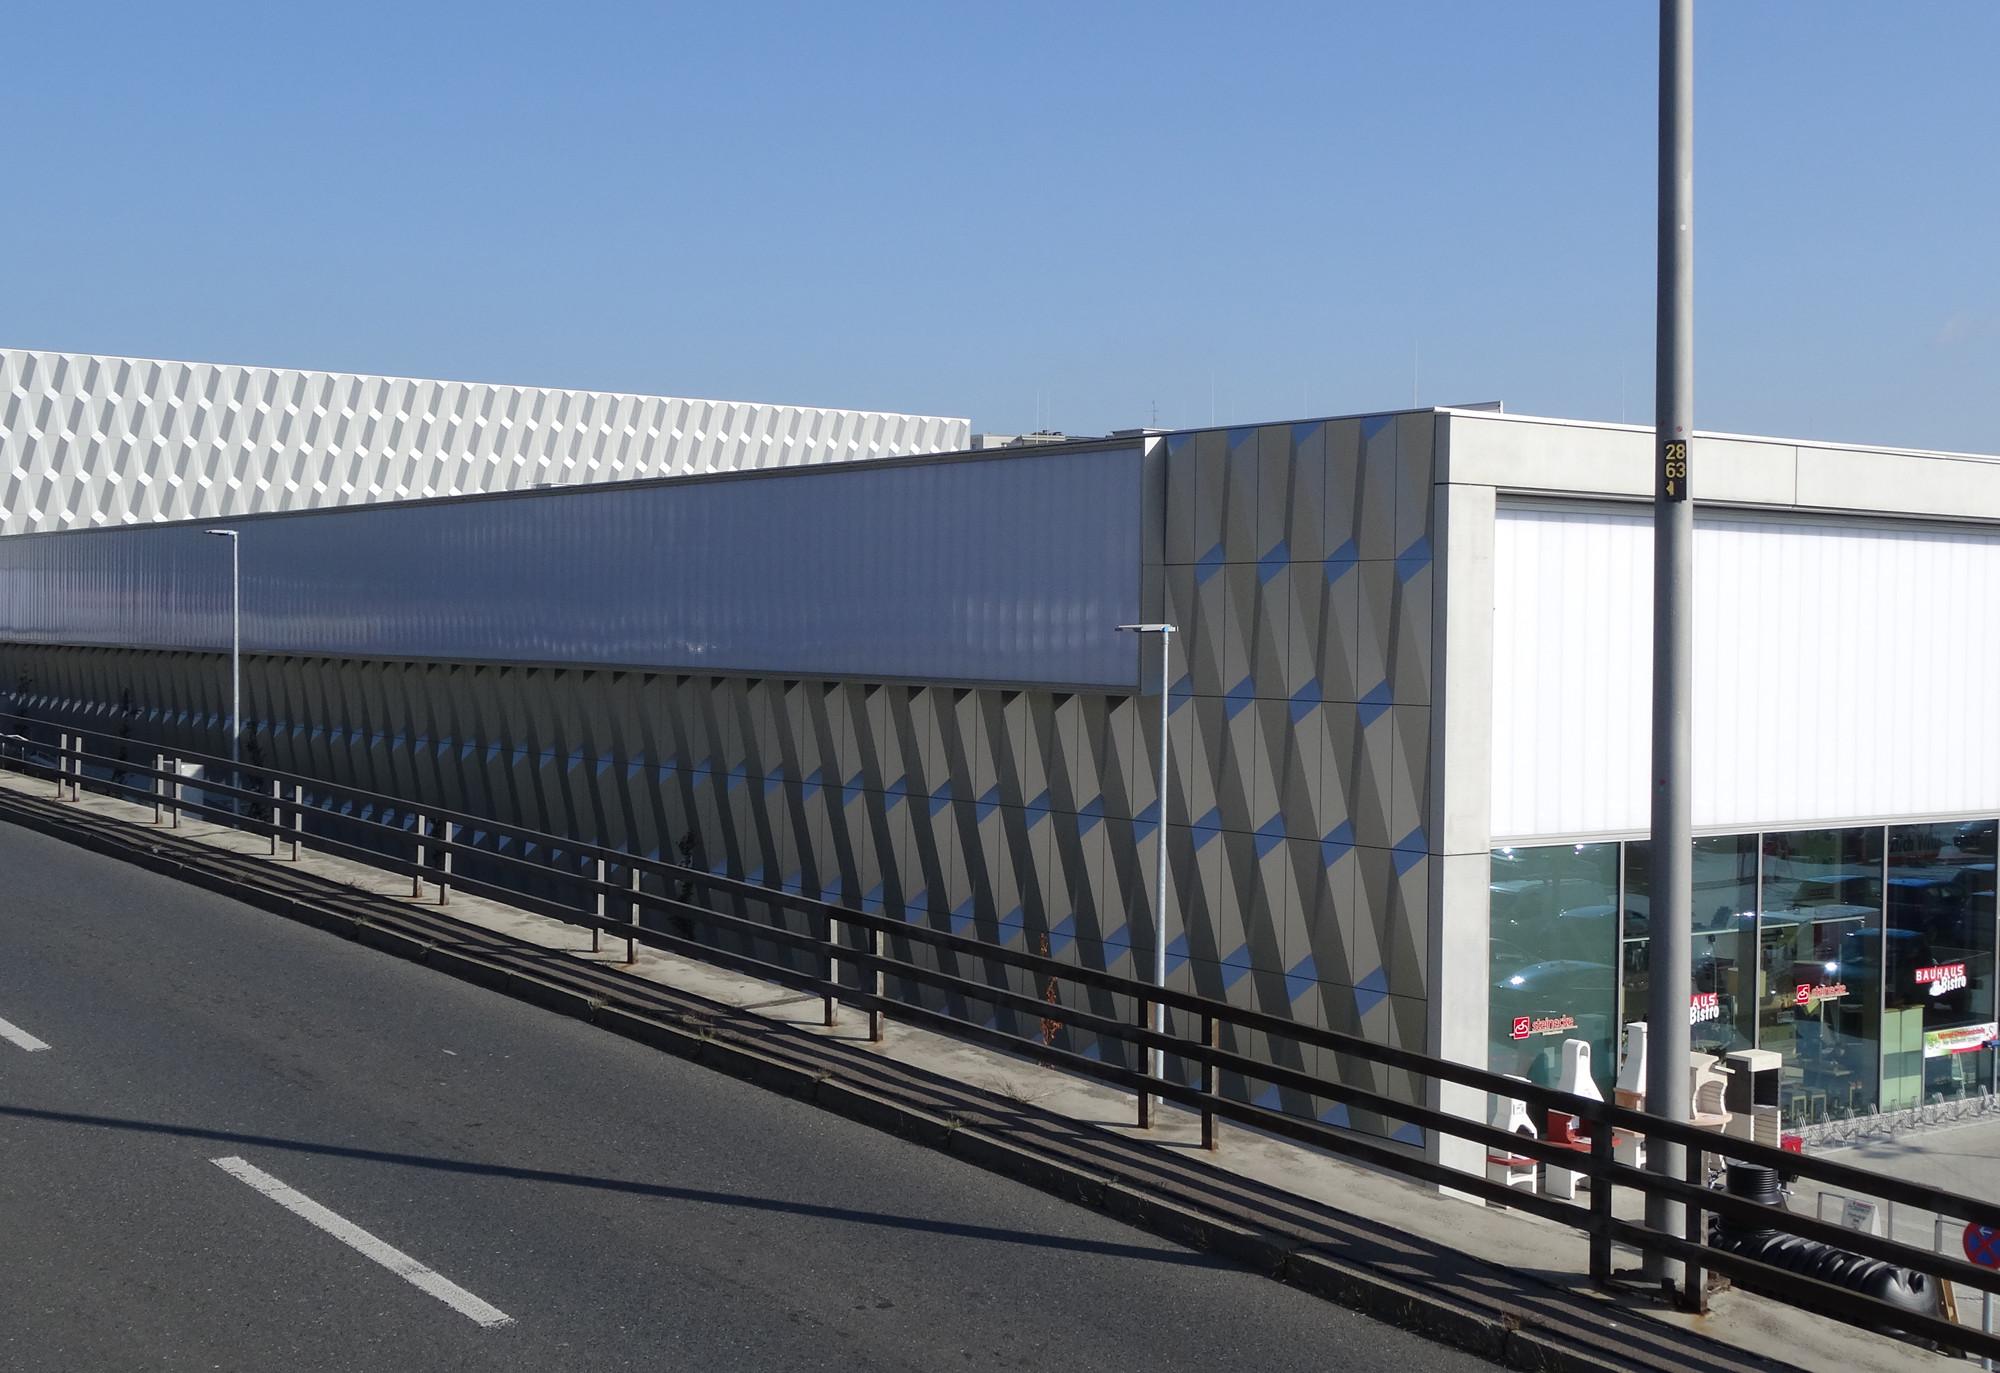 Bauhaus Halensee bauhaus halensee in berlin fassade gewerbe industrie